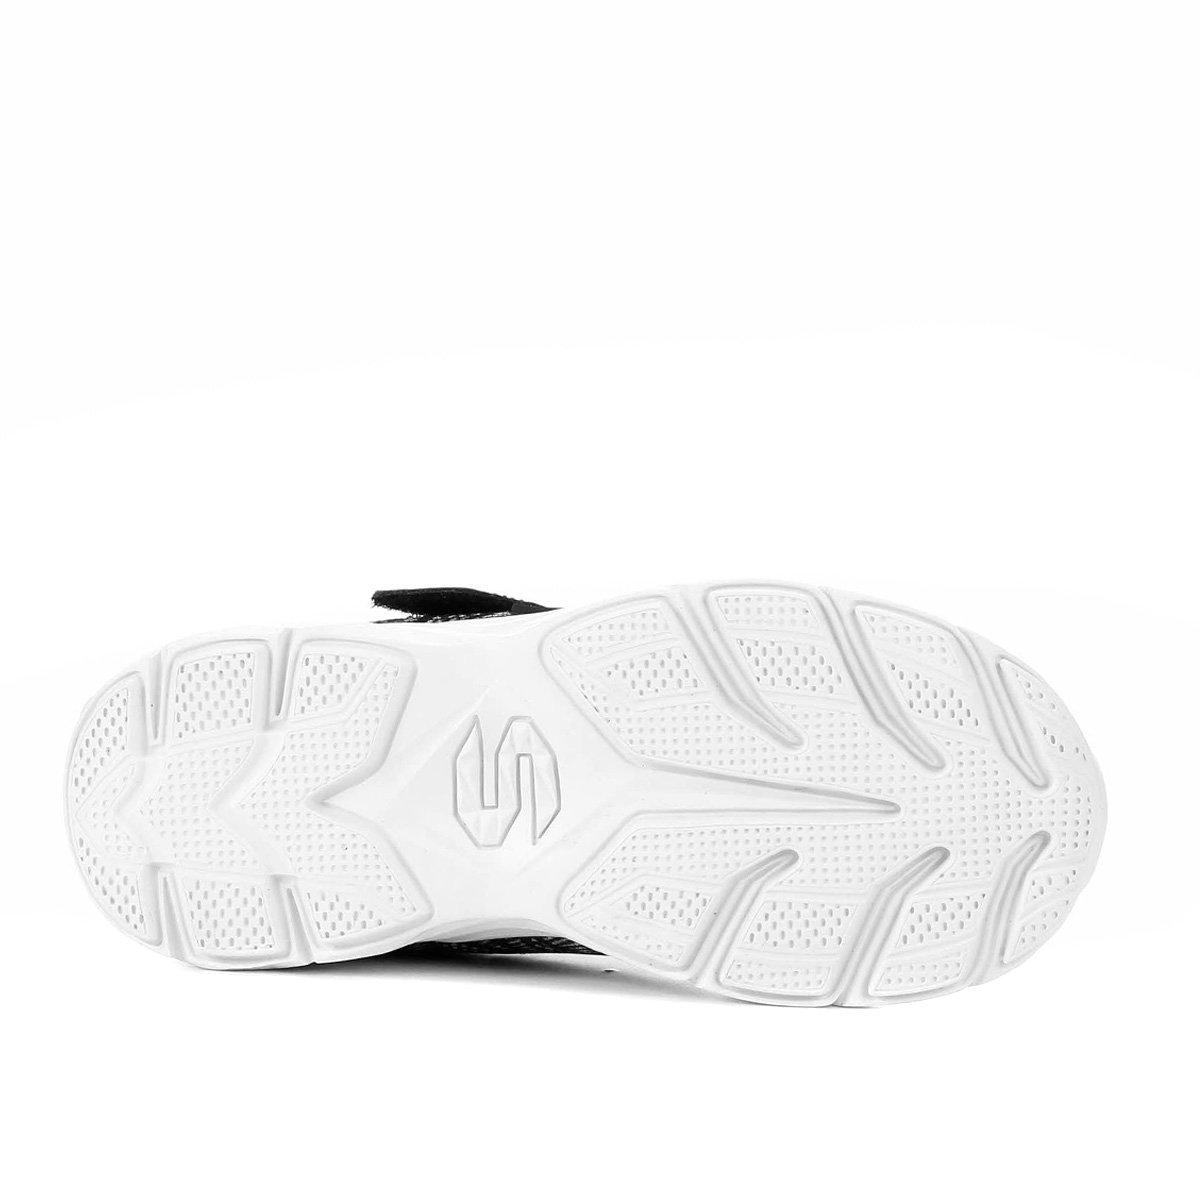 Tênis Infantil Skechers Eclipsor Velcro Preto e Branco